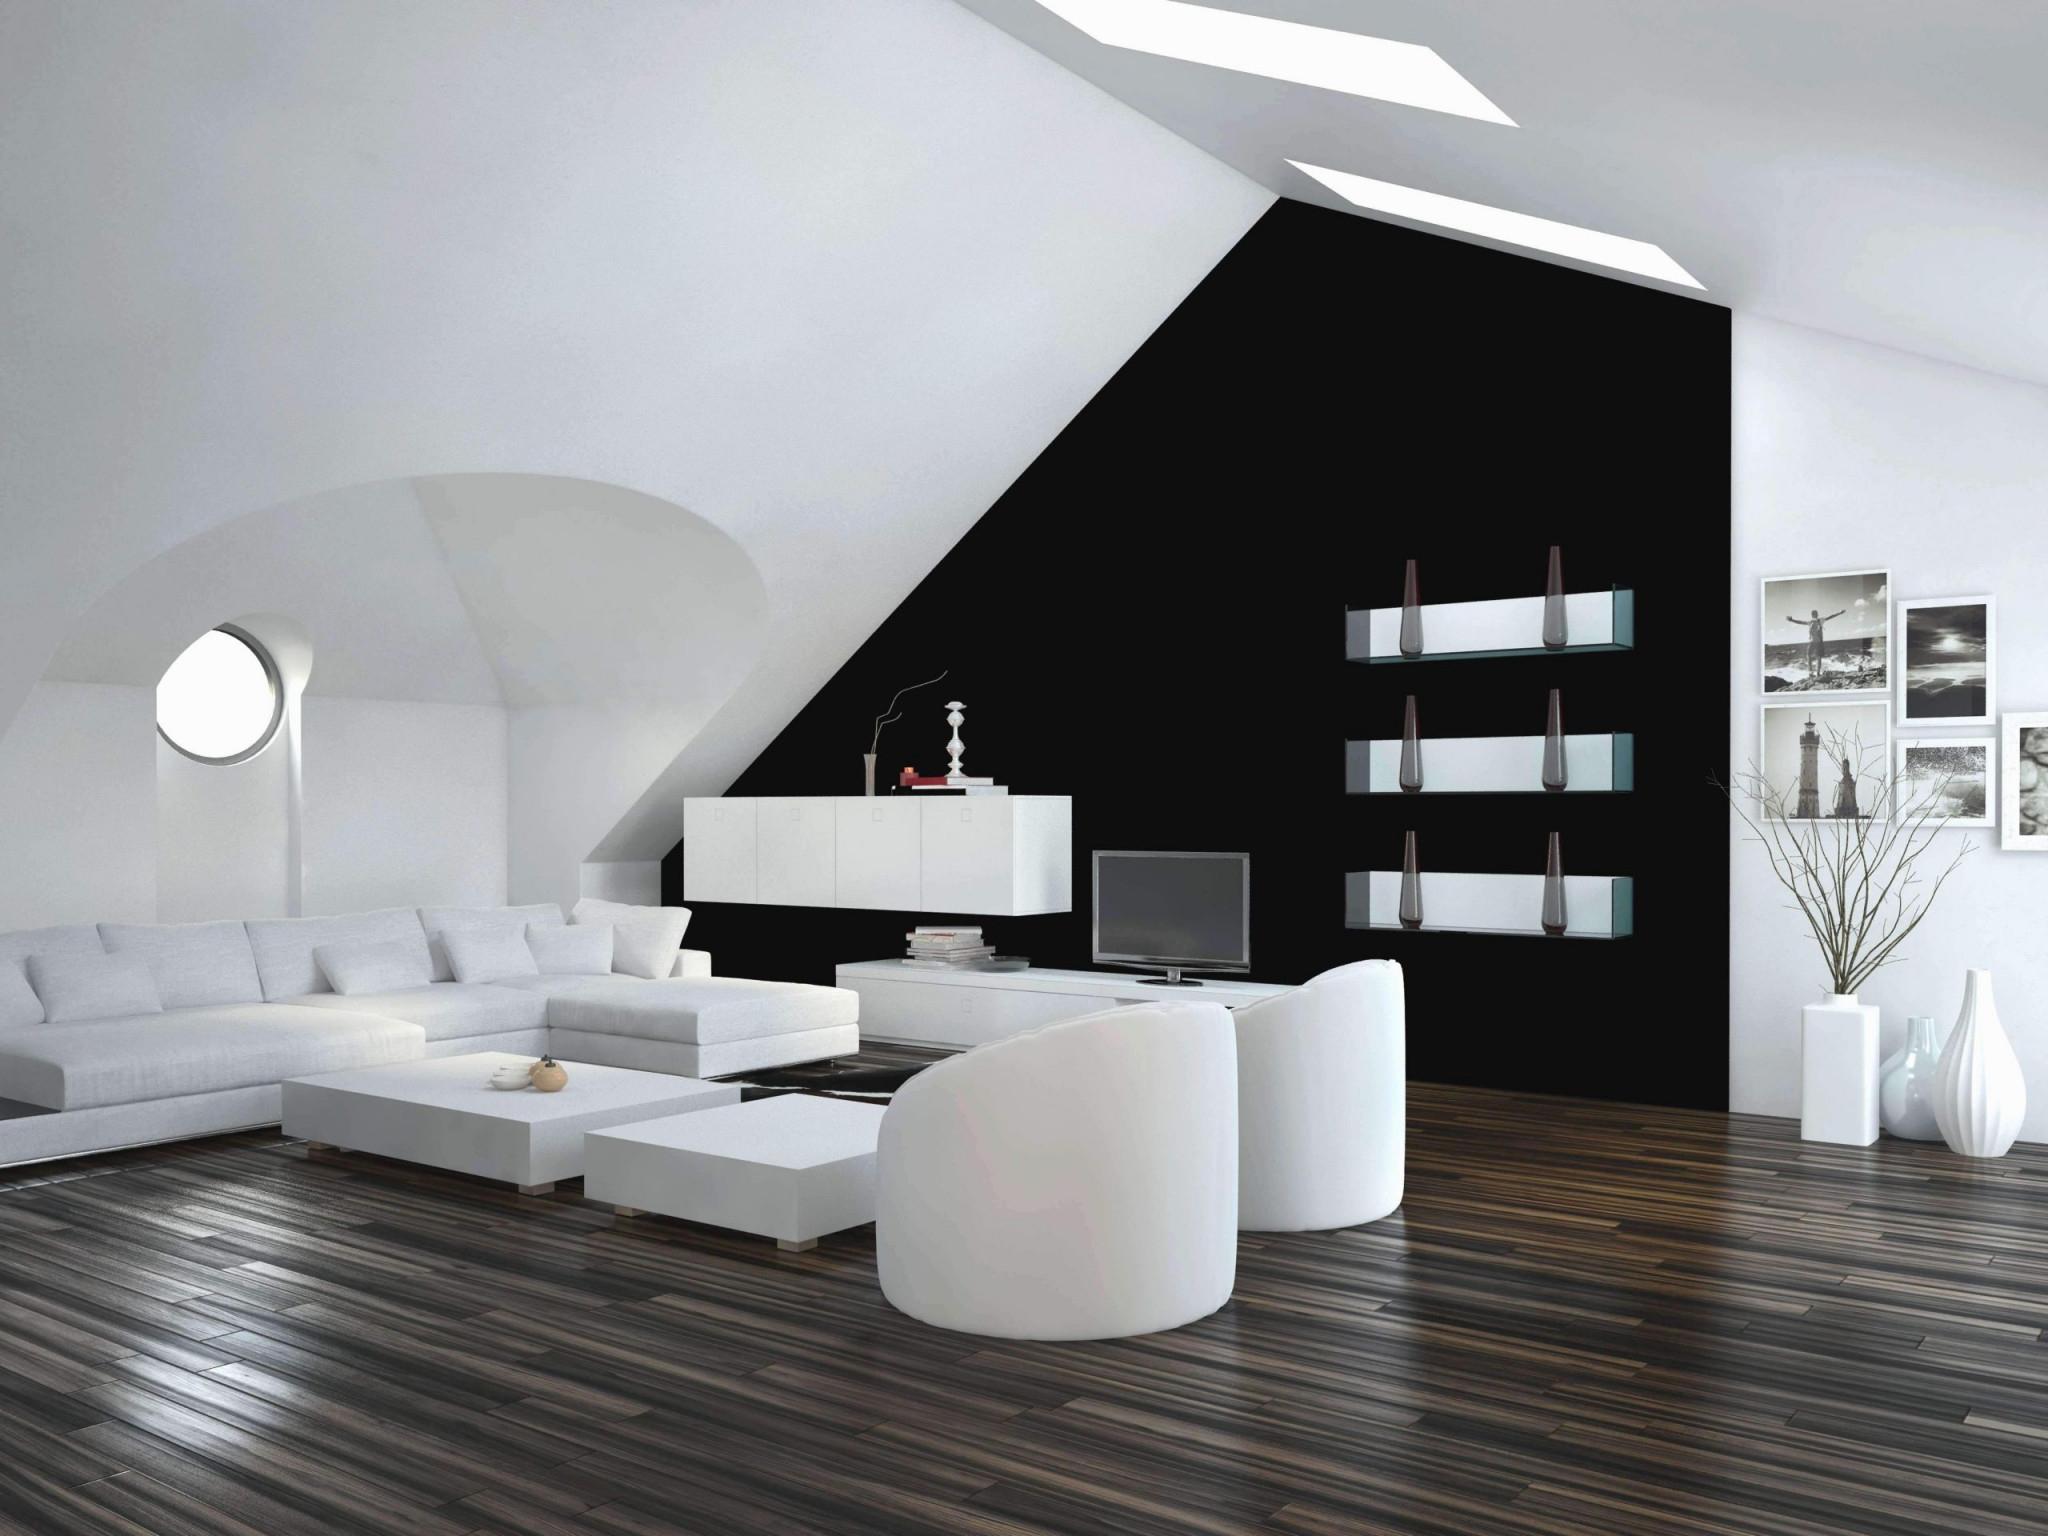 Wohnzimmer Deko Modern Das Beste Von 35 Luxus Deko Ideen von Wohnzimmer Deko Ideen Modern Bild